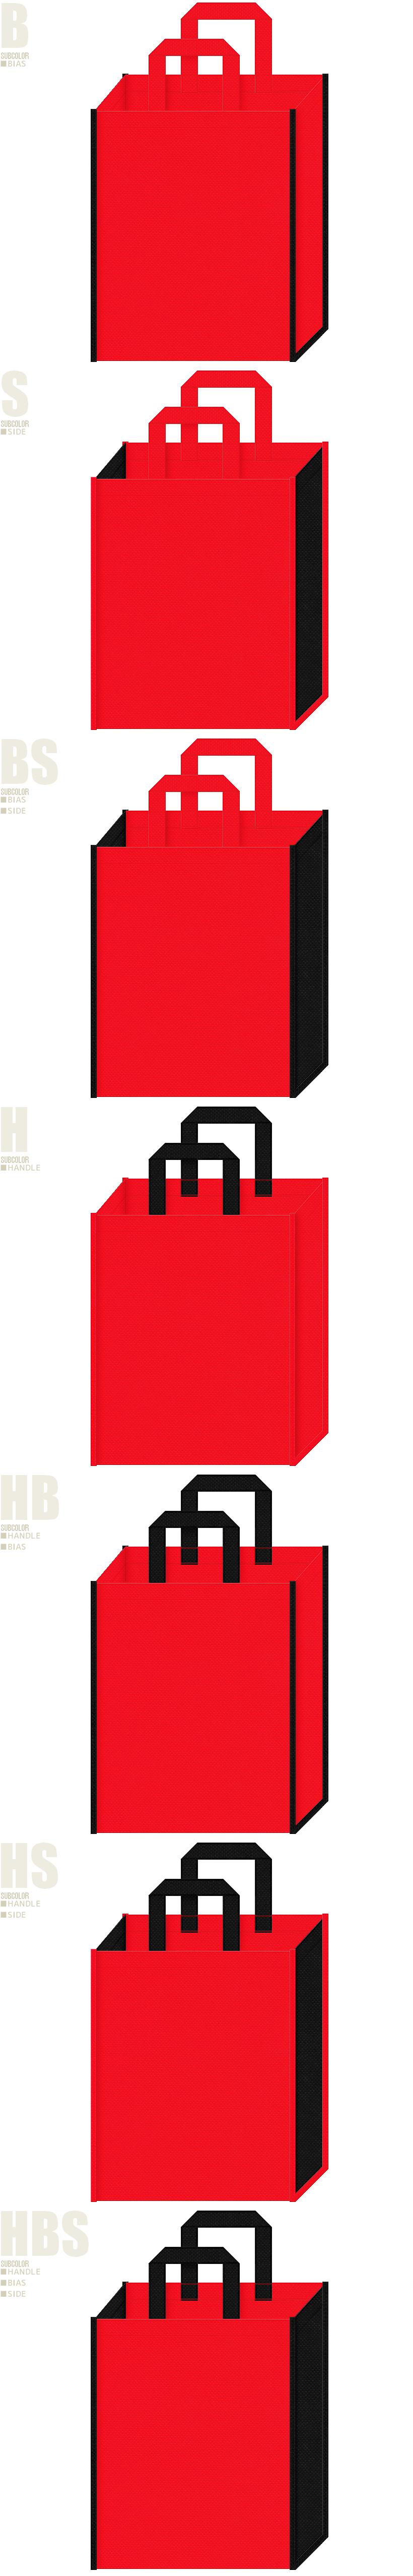 夏祭り・法被・提灯・アウトドアイベント・スポーツイベント・ホラー・格闘・ゲームの展示会用バッグにお奨めの不織布バッグデザイン:赤色と黒色の配色7パターン